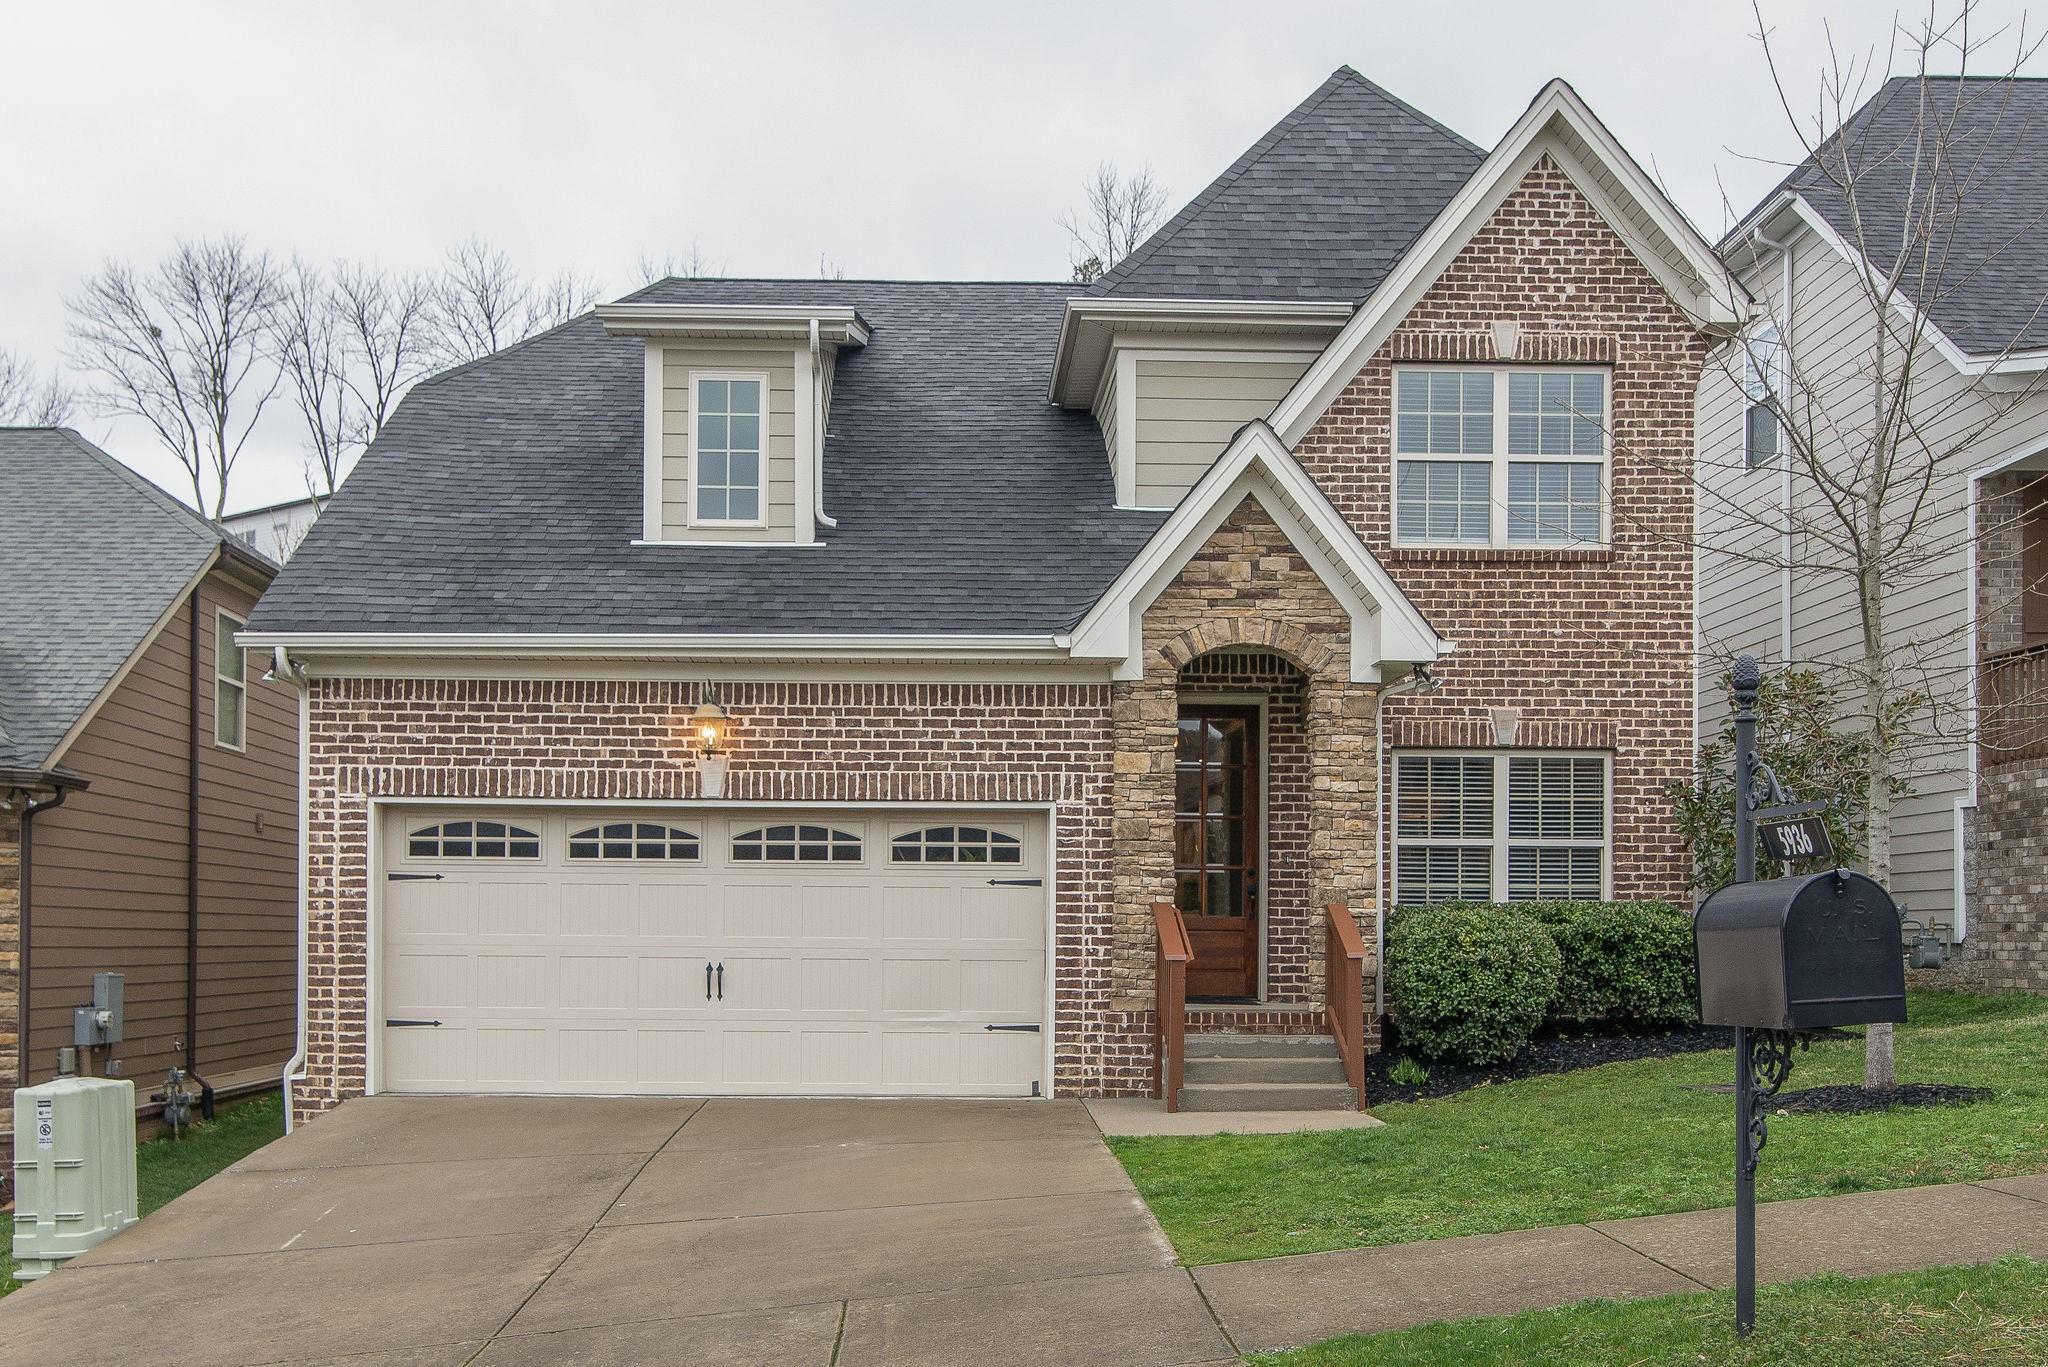 5936 Woodlands Ave, Nashville, TN 37211 - Nashville, TN real estate listing